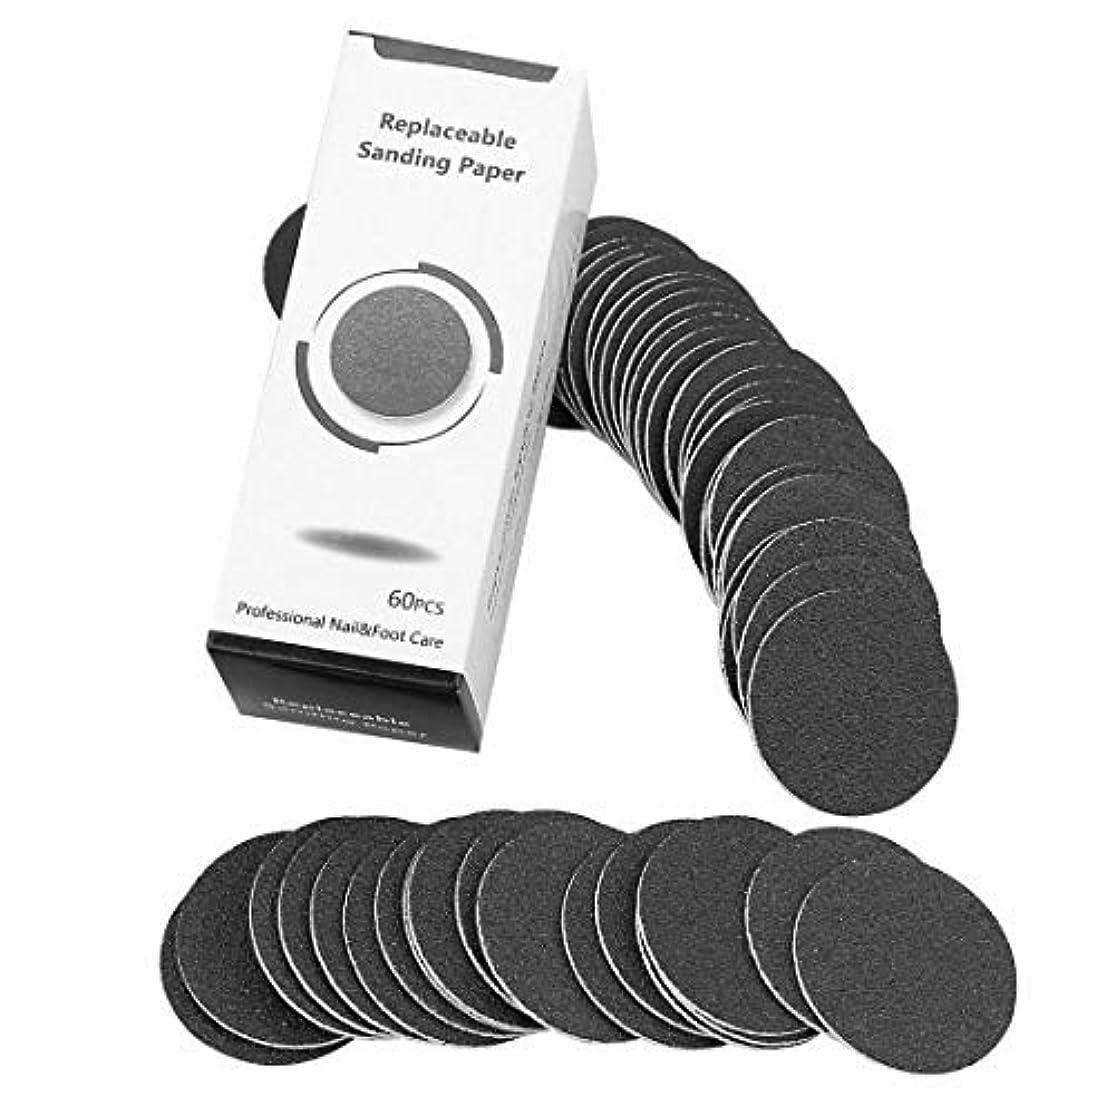 あいさつパートナー下位プロヒール専用 交換用サンディングペーパー 60枚入り 角質削り (磨き紙 60枚)